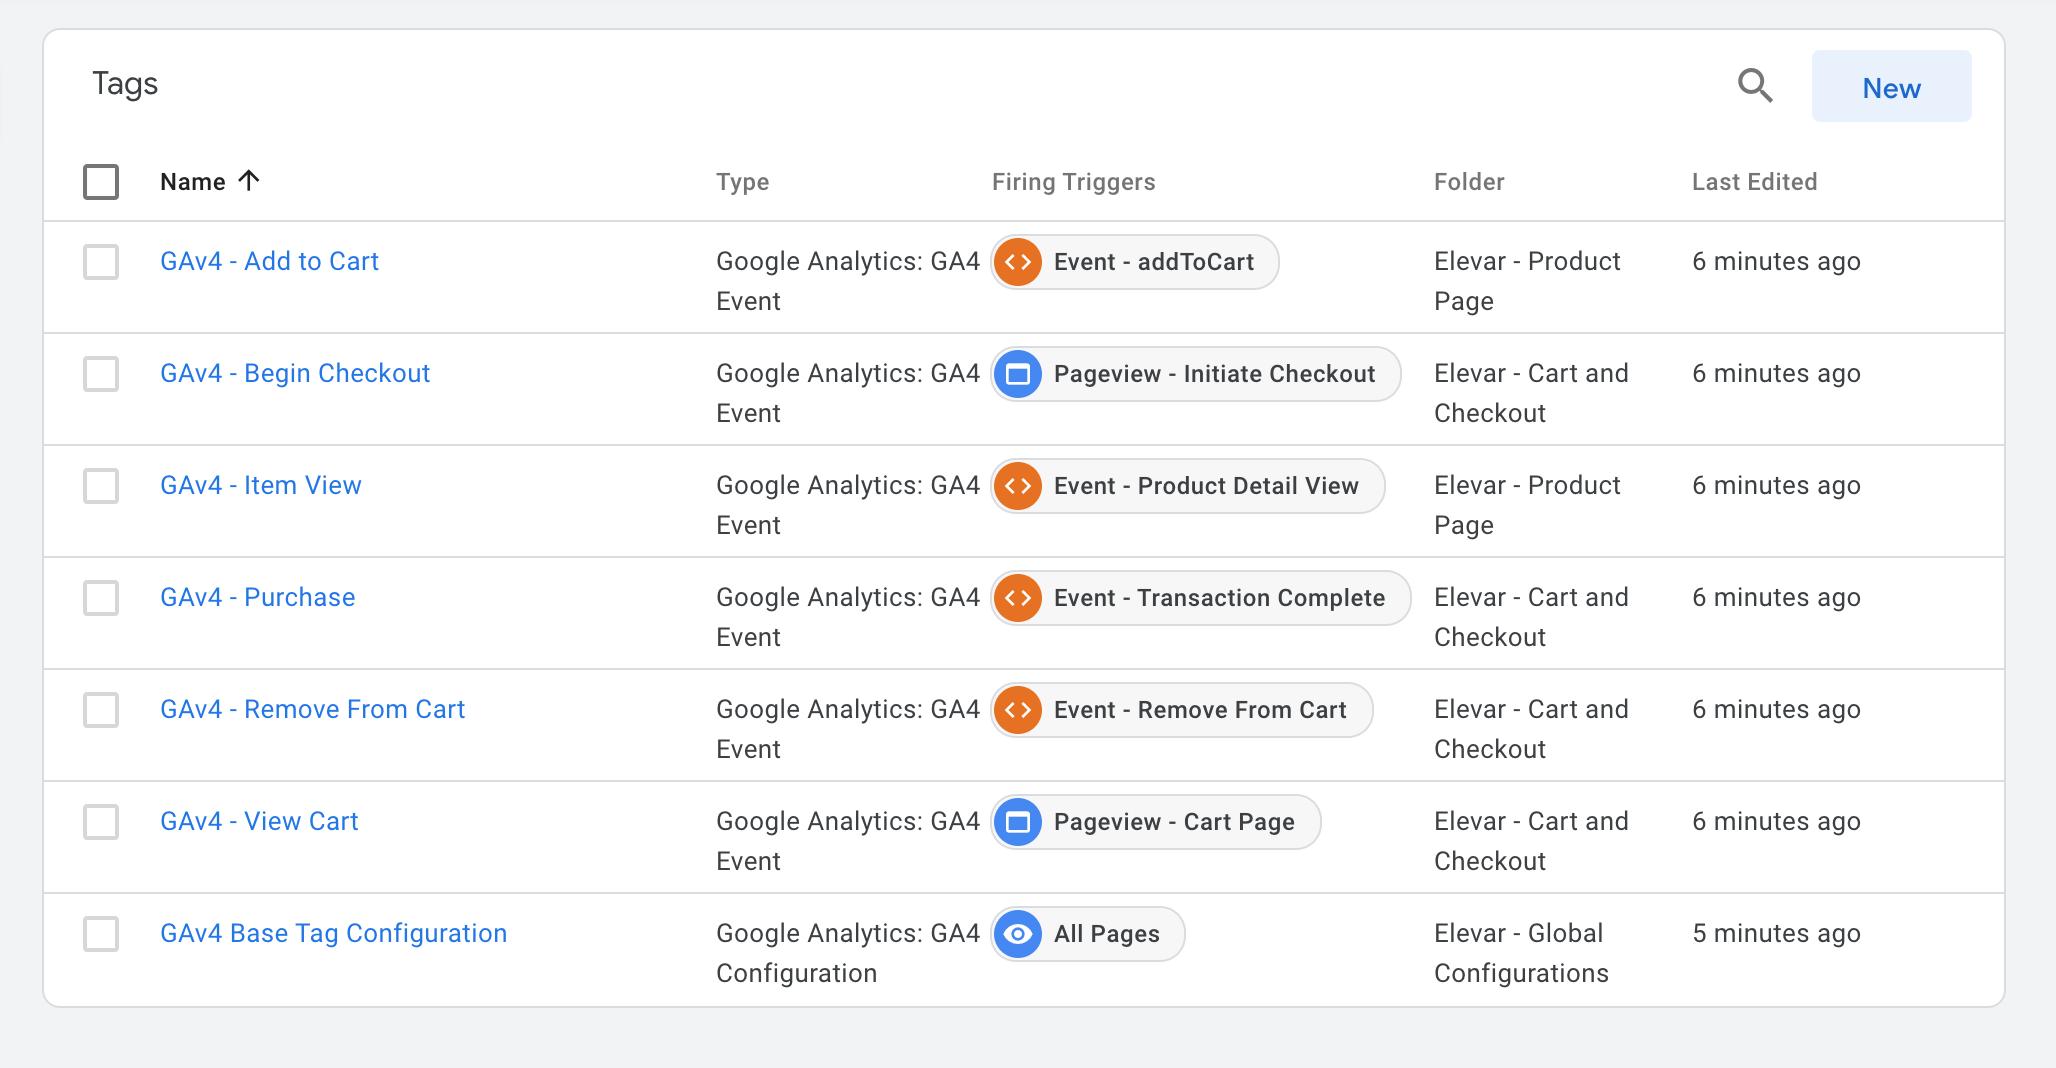 Как запустить новую версию Google Analytics 4 на Shopify | Элевар